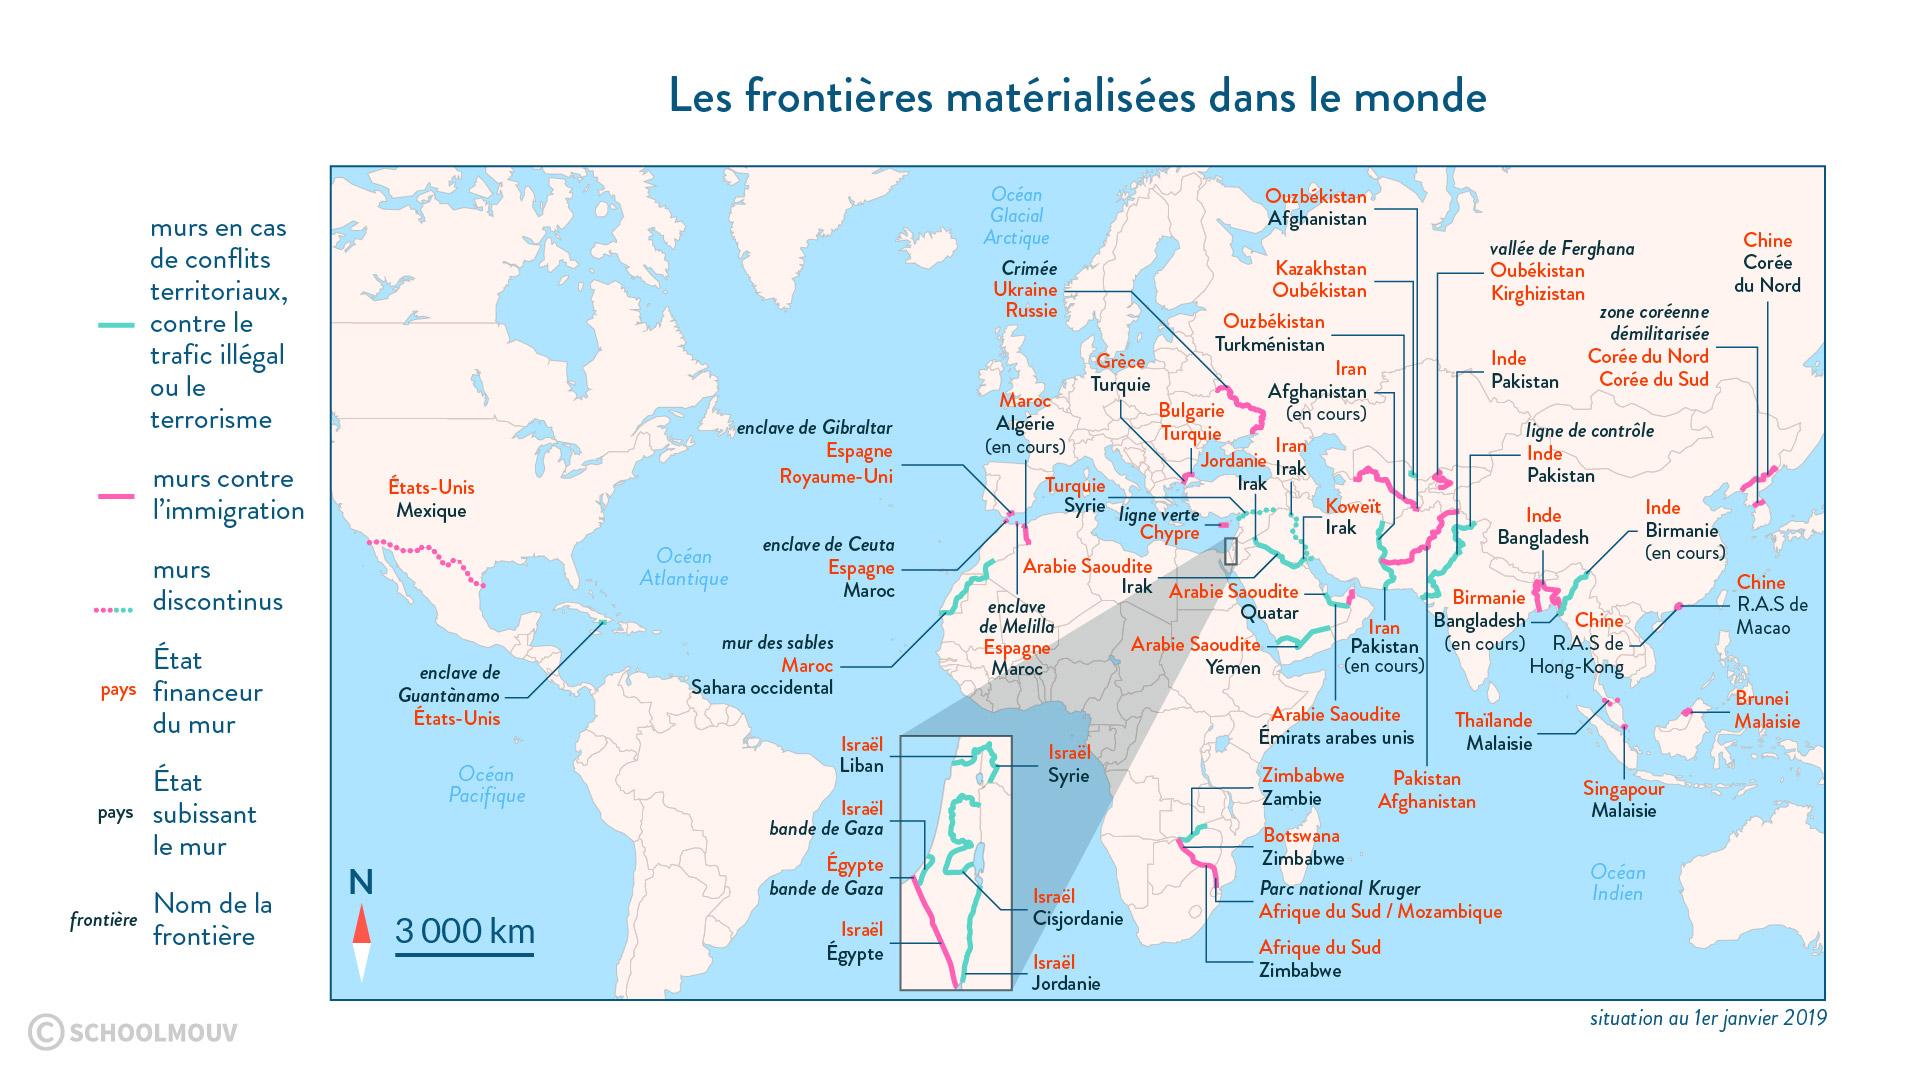 frontières matérialisées monde